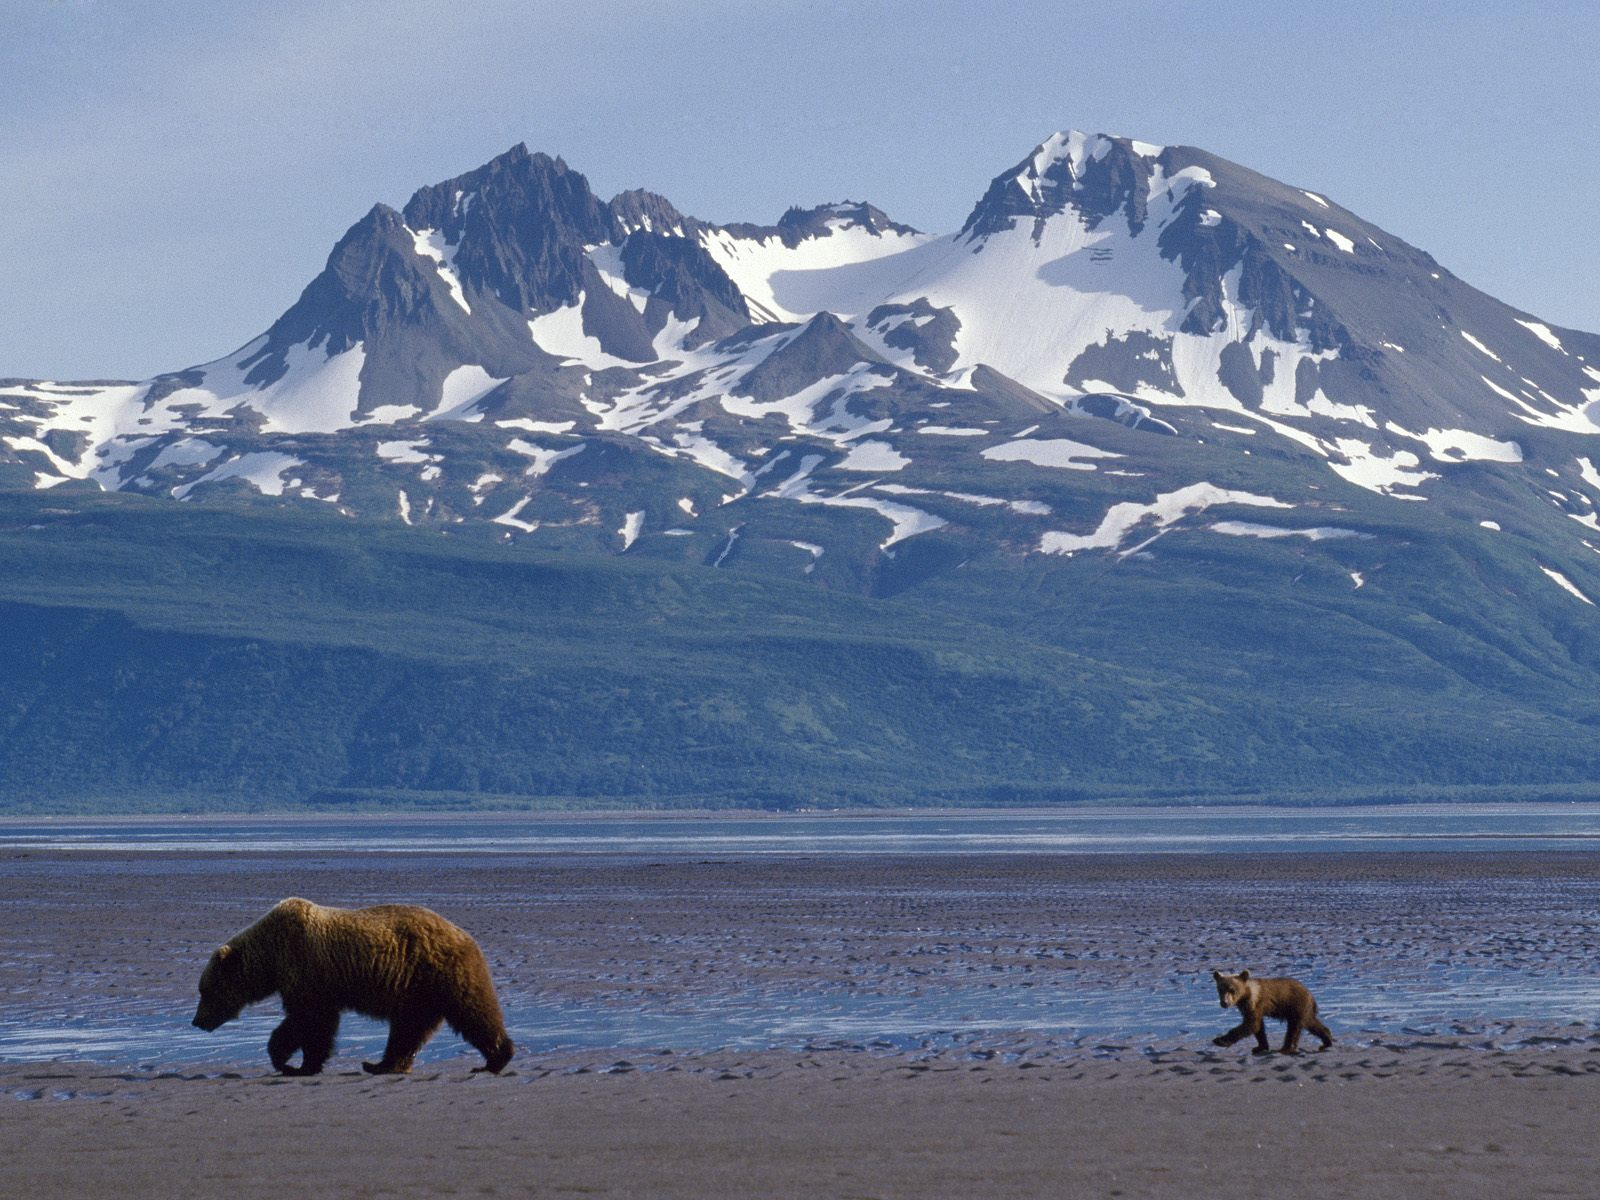 http://1.bp.blogspot.com/_TcwbPuj2SZ0/TLnKtUqI0LI/AAAAAAAASwA/dwqOR-jYICA/s1600/Bear-Cub-Katmai-Alaska.jpg